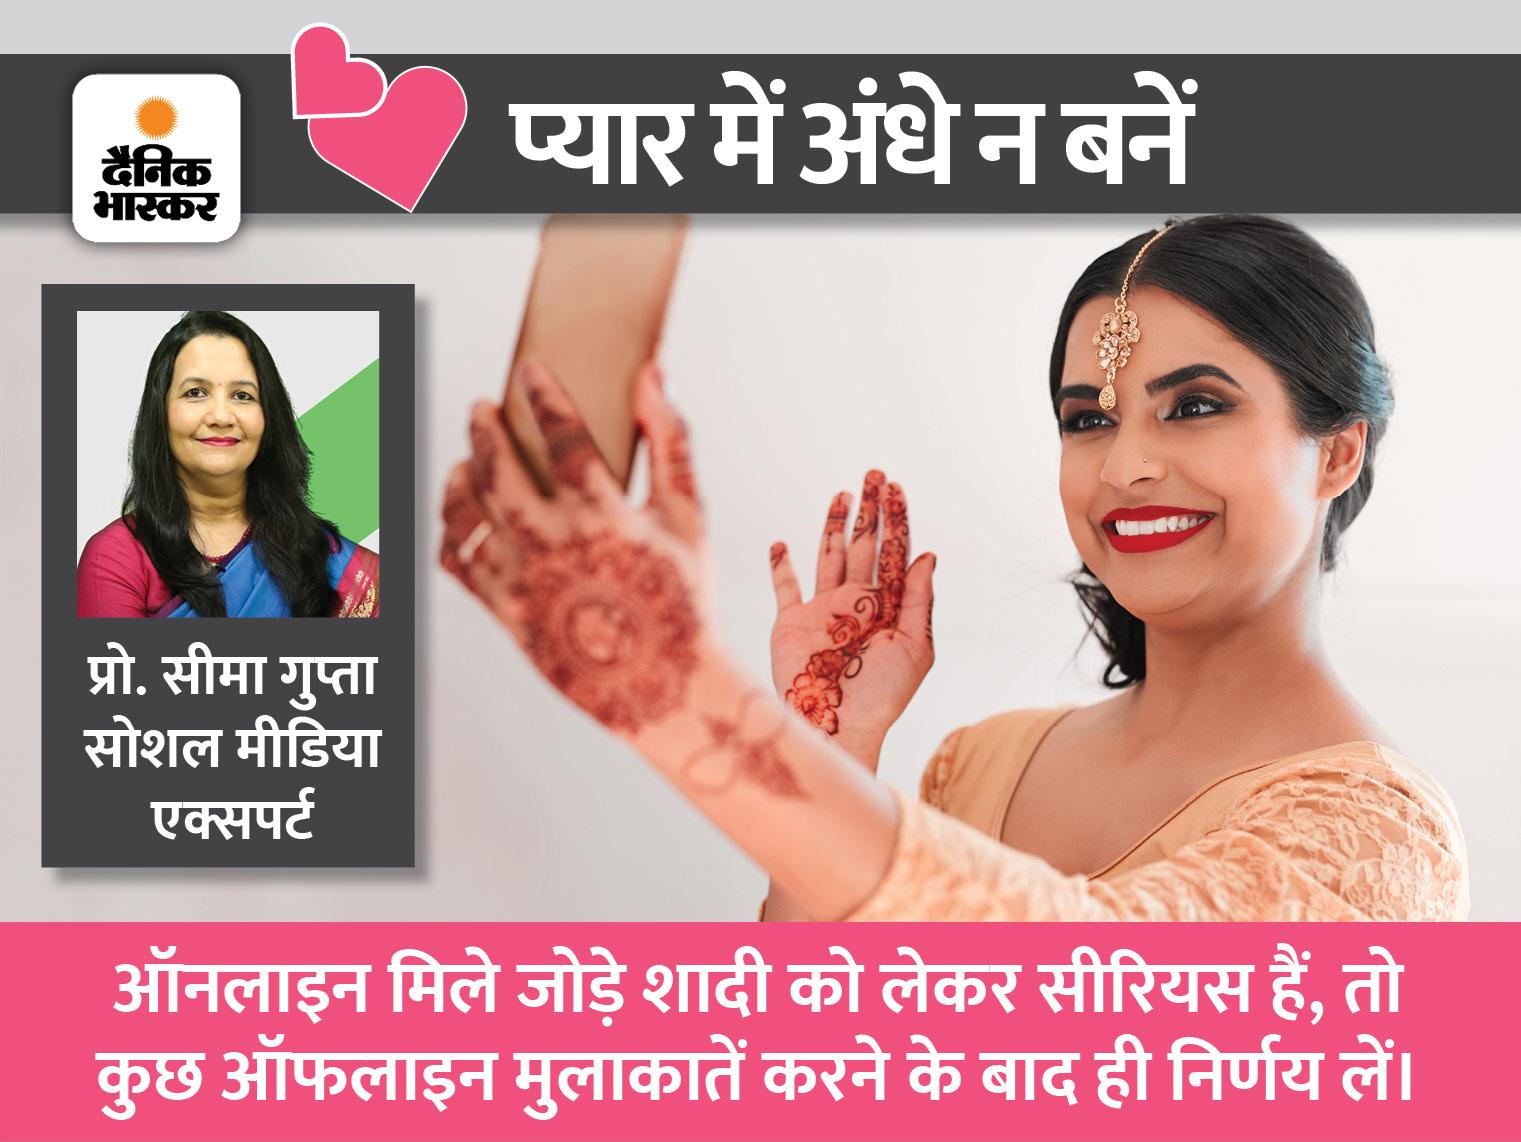 कितनी चलती हैं साेशल मीडिया पर मोहब्बत वाली शादियां? सात फेरों का संबंध दे रहा है कभी खुशी कभी गम|रिलेशनशिप,Relationship - Dainik Bhaskar